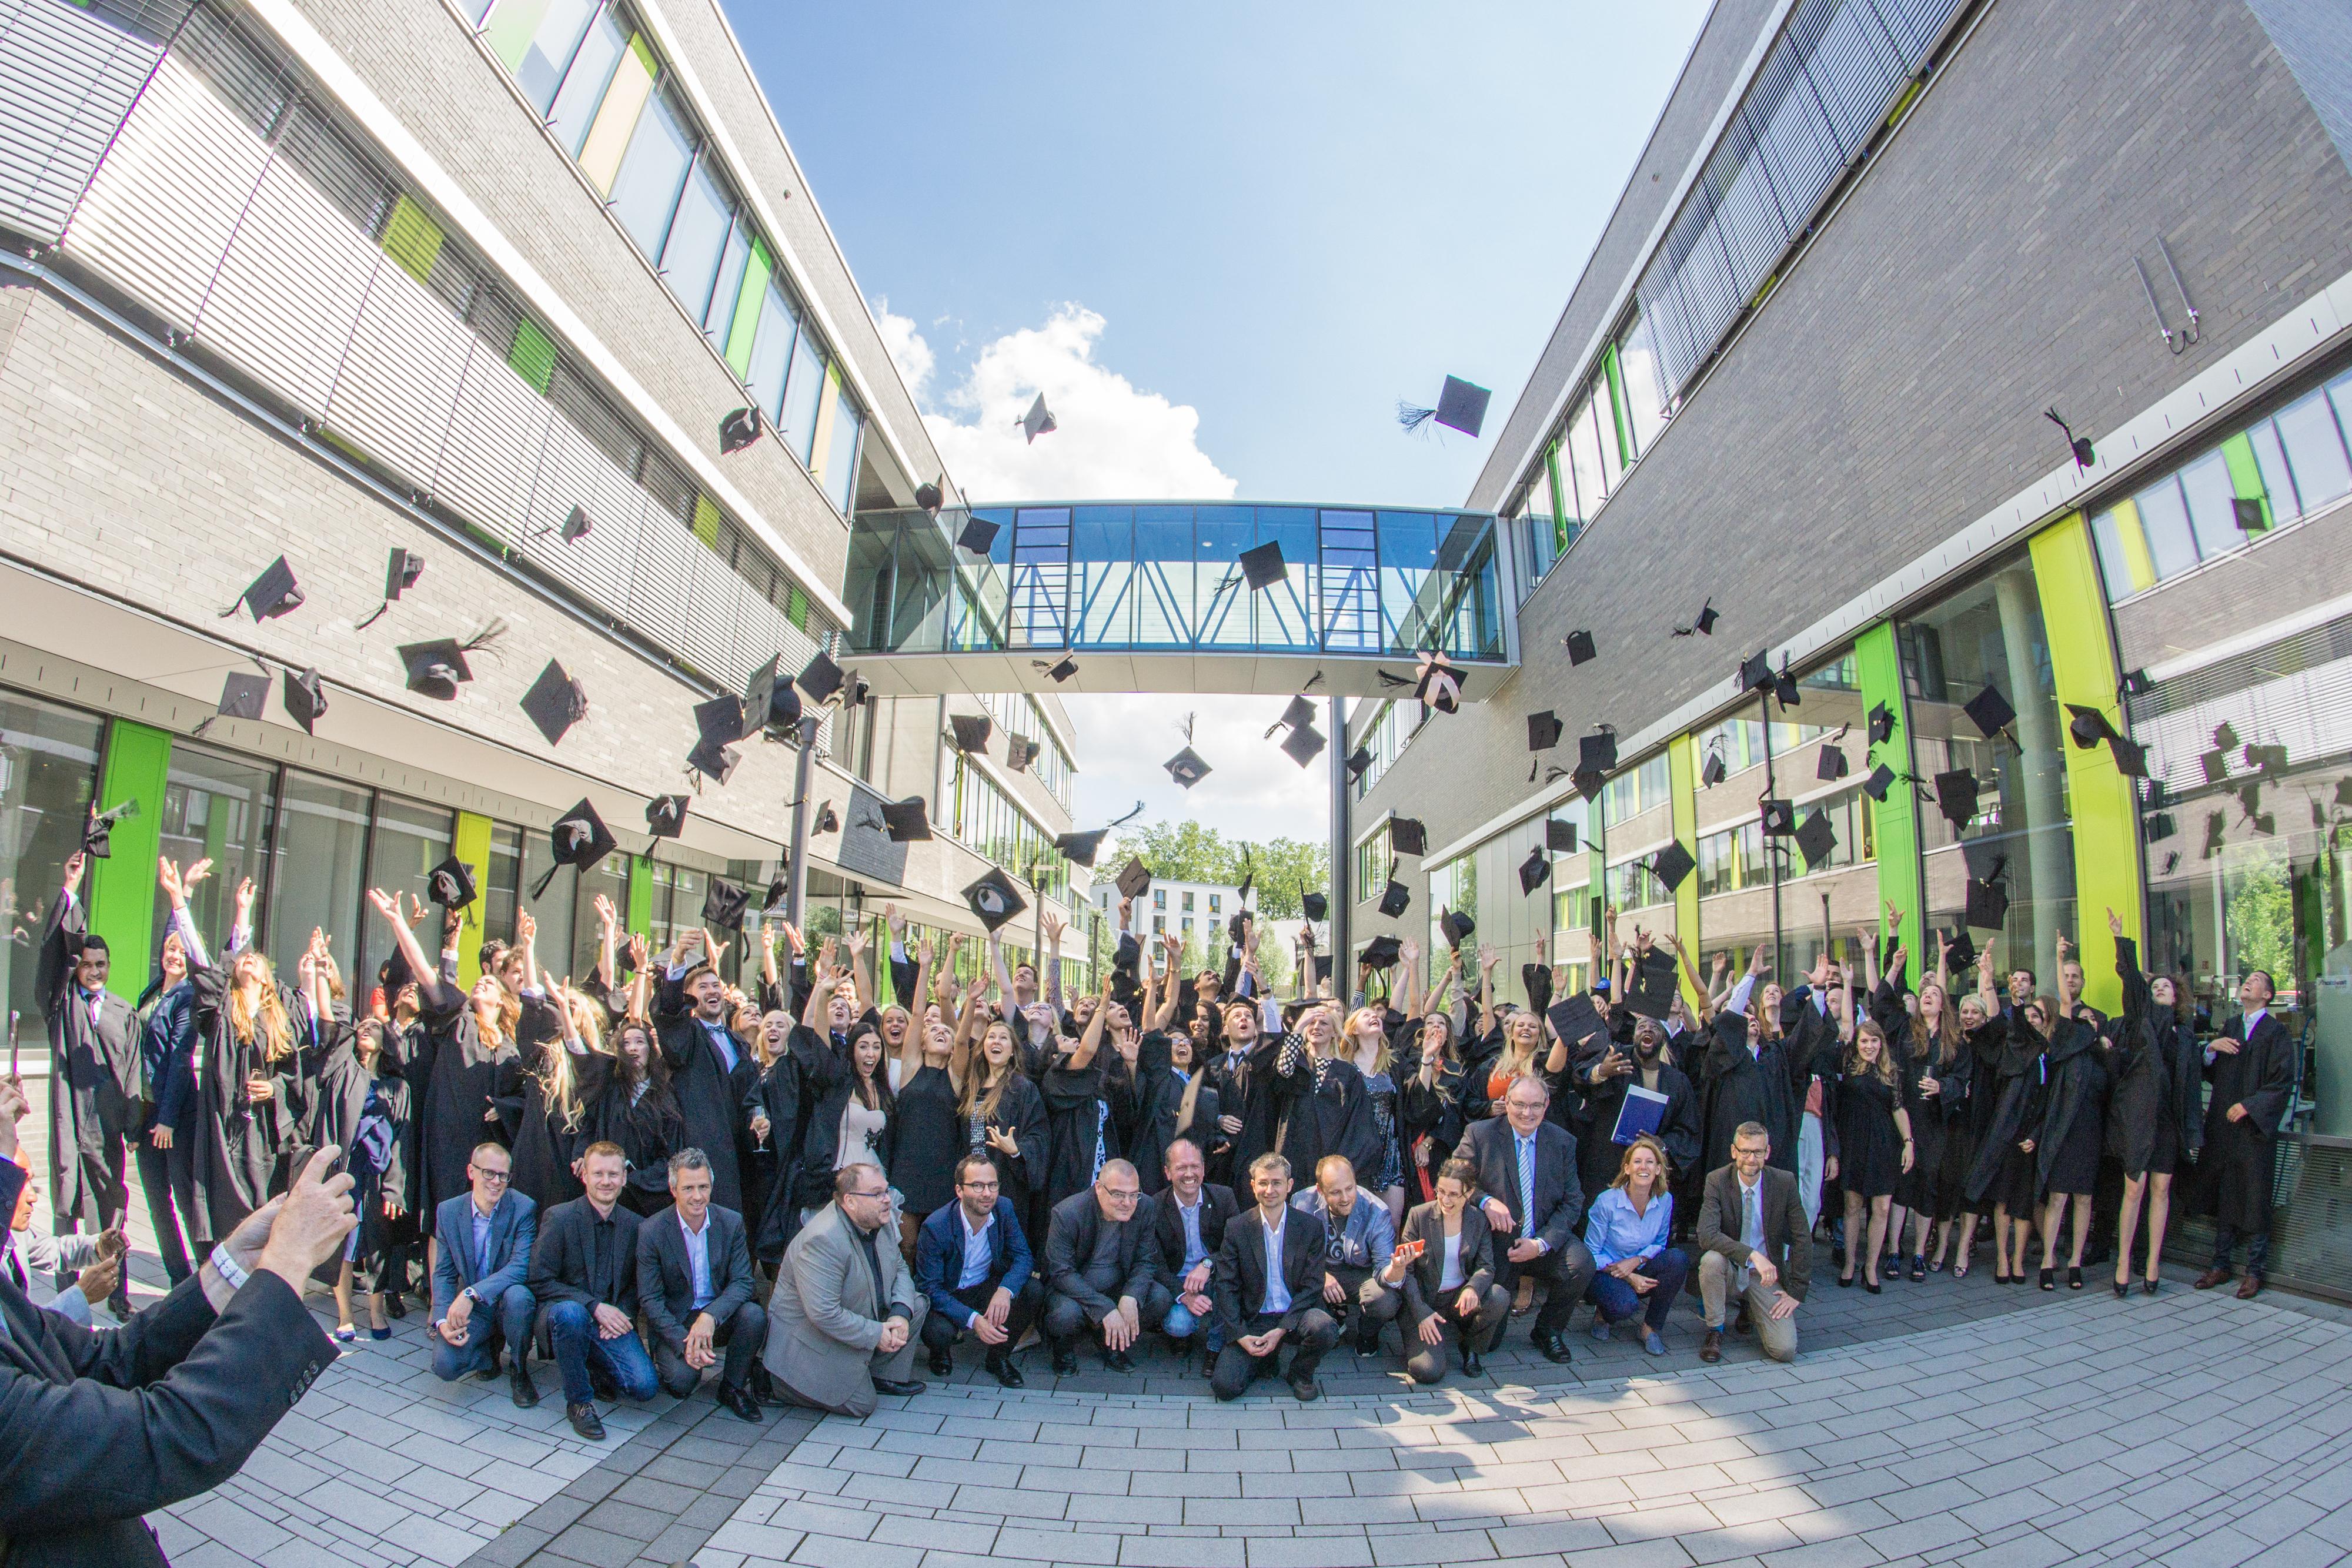 Abschlussfeier 2017 an der Hochschule Rhein-Waal | Hochschule Rhein-Waal